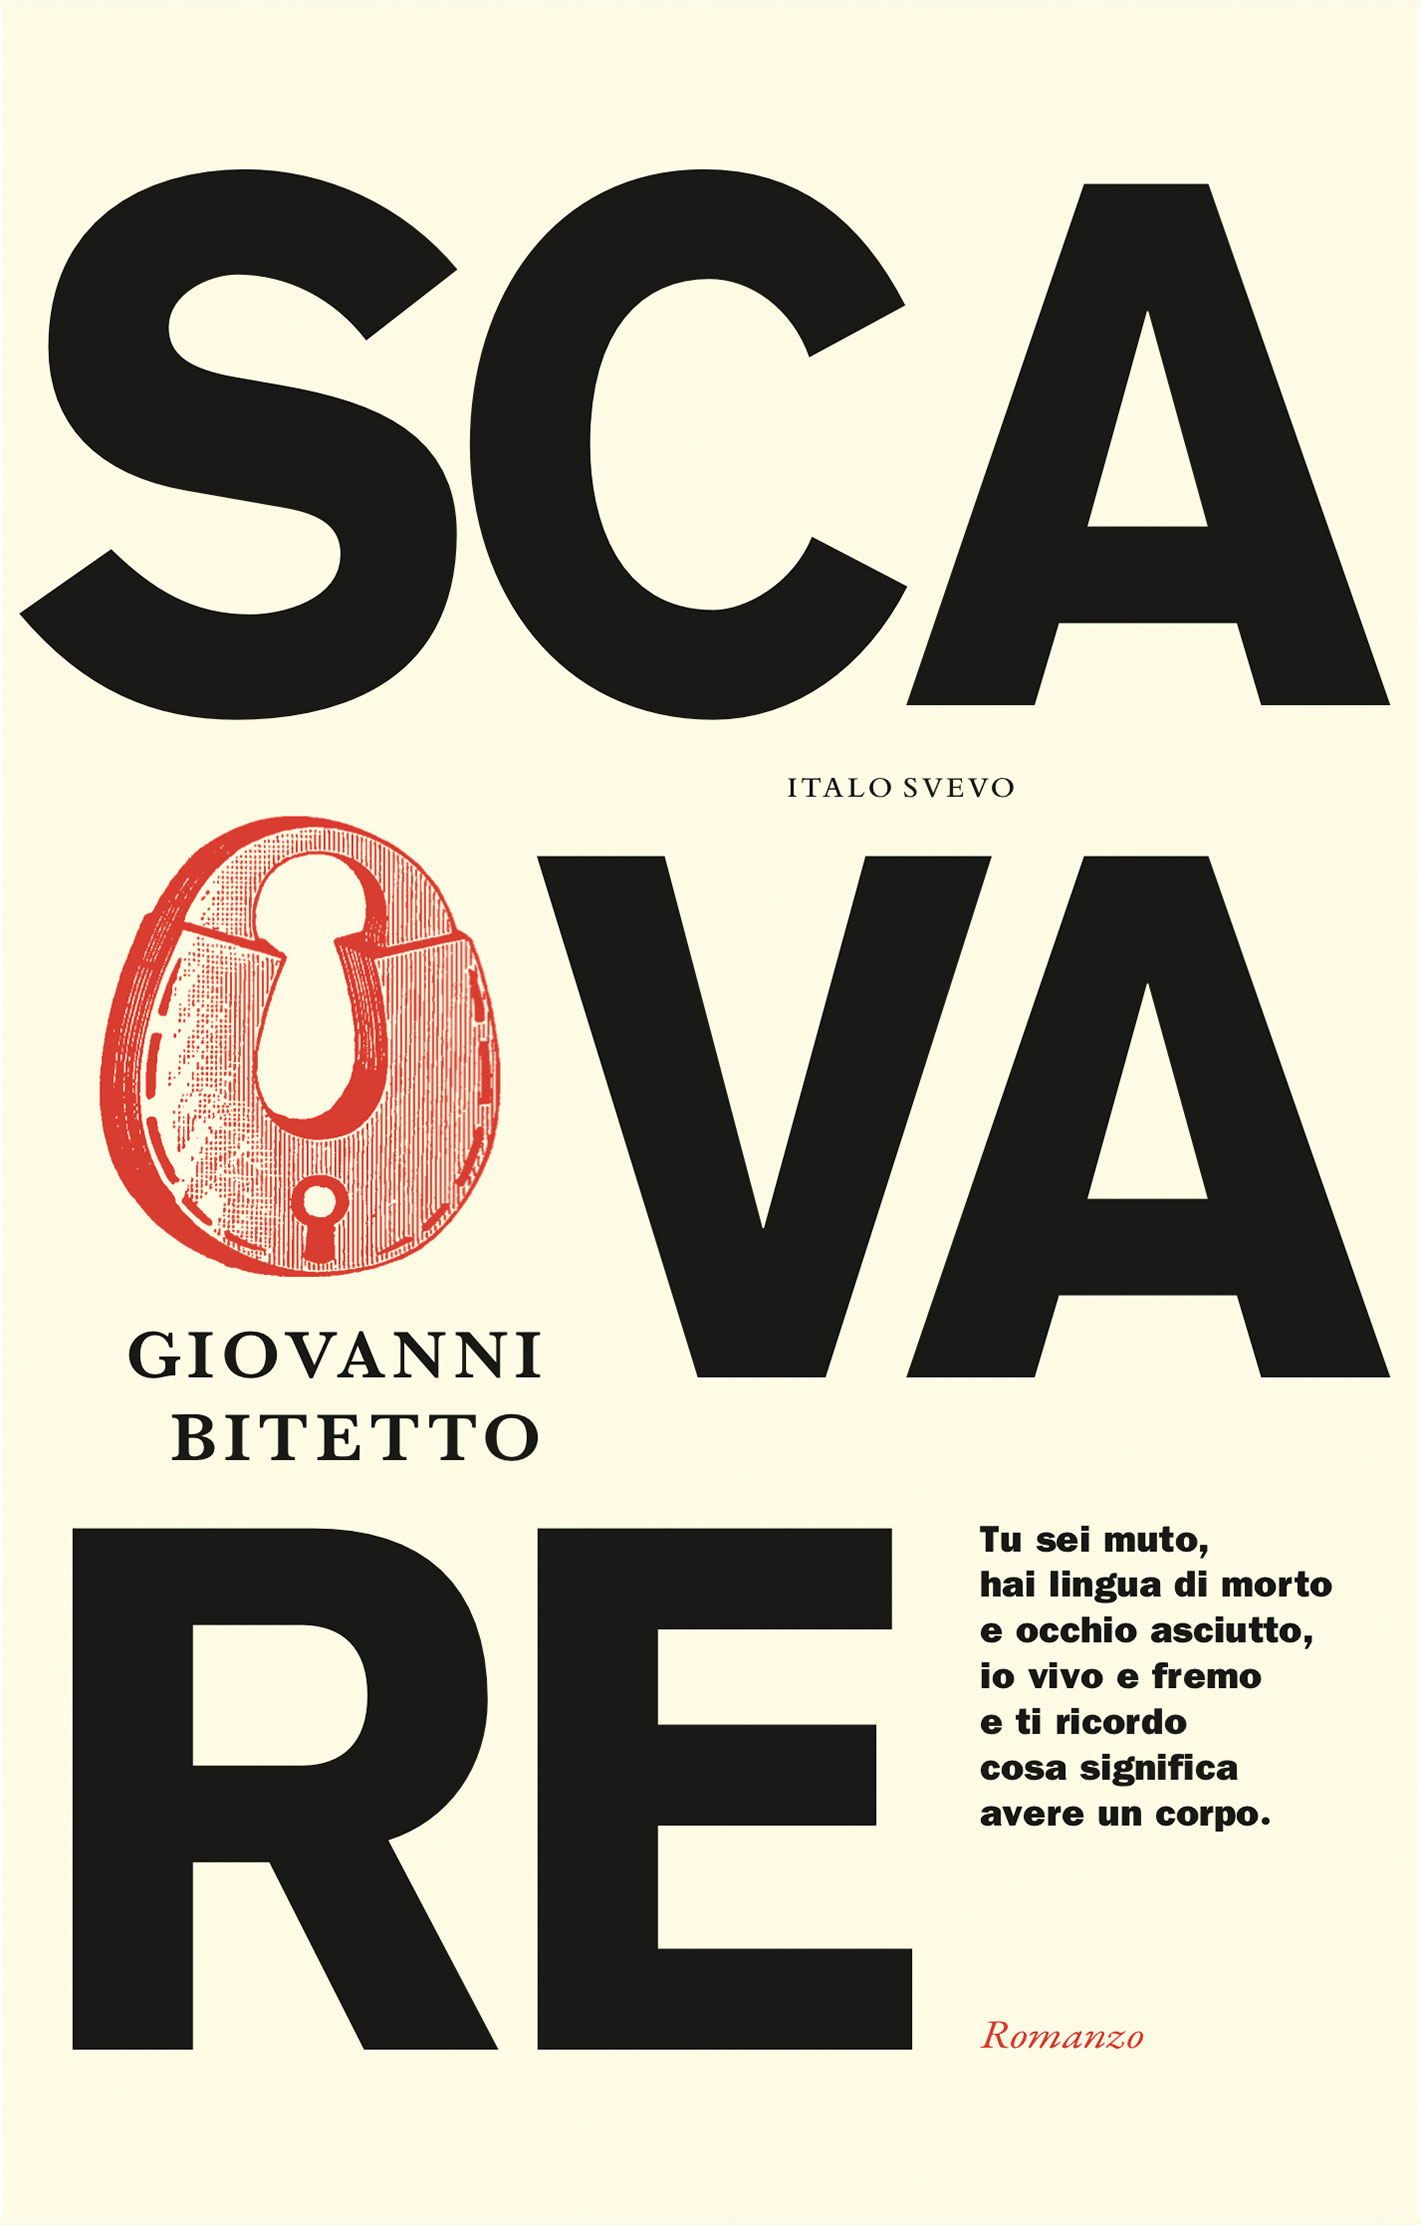 Italo Svevo Edizioni - Scavare - Bitetto